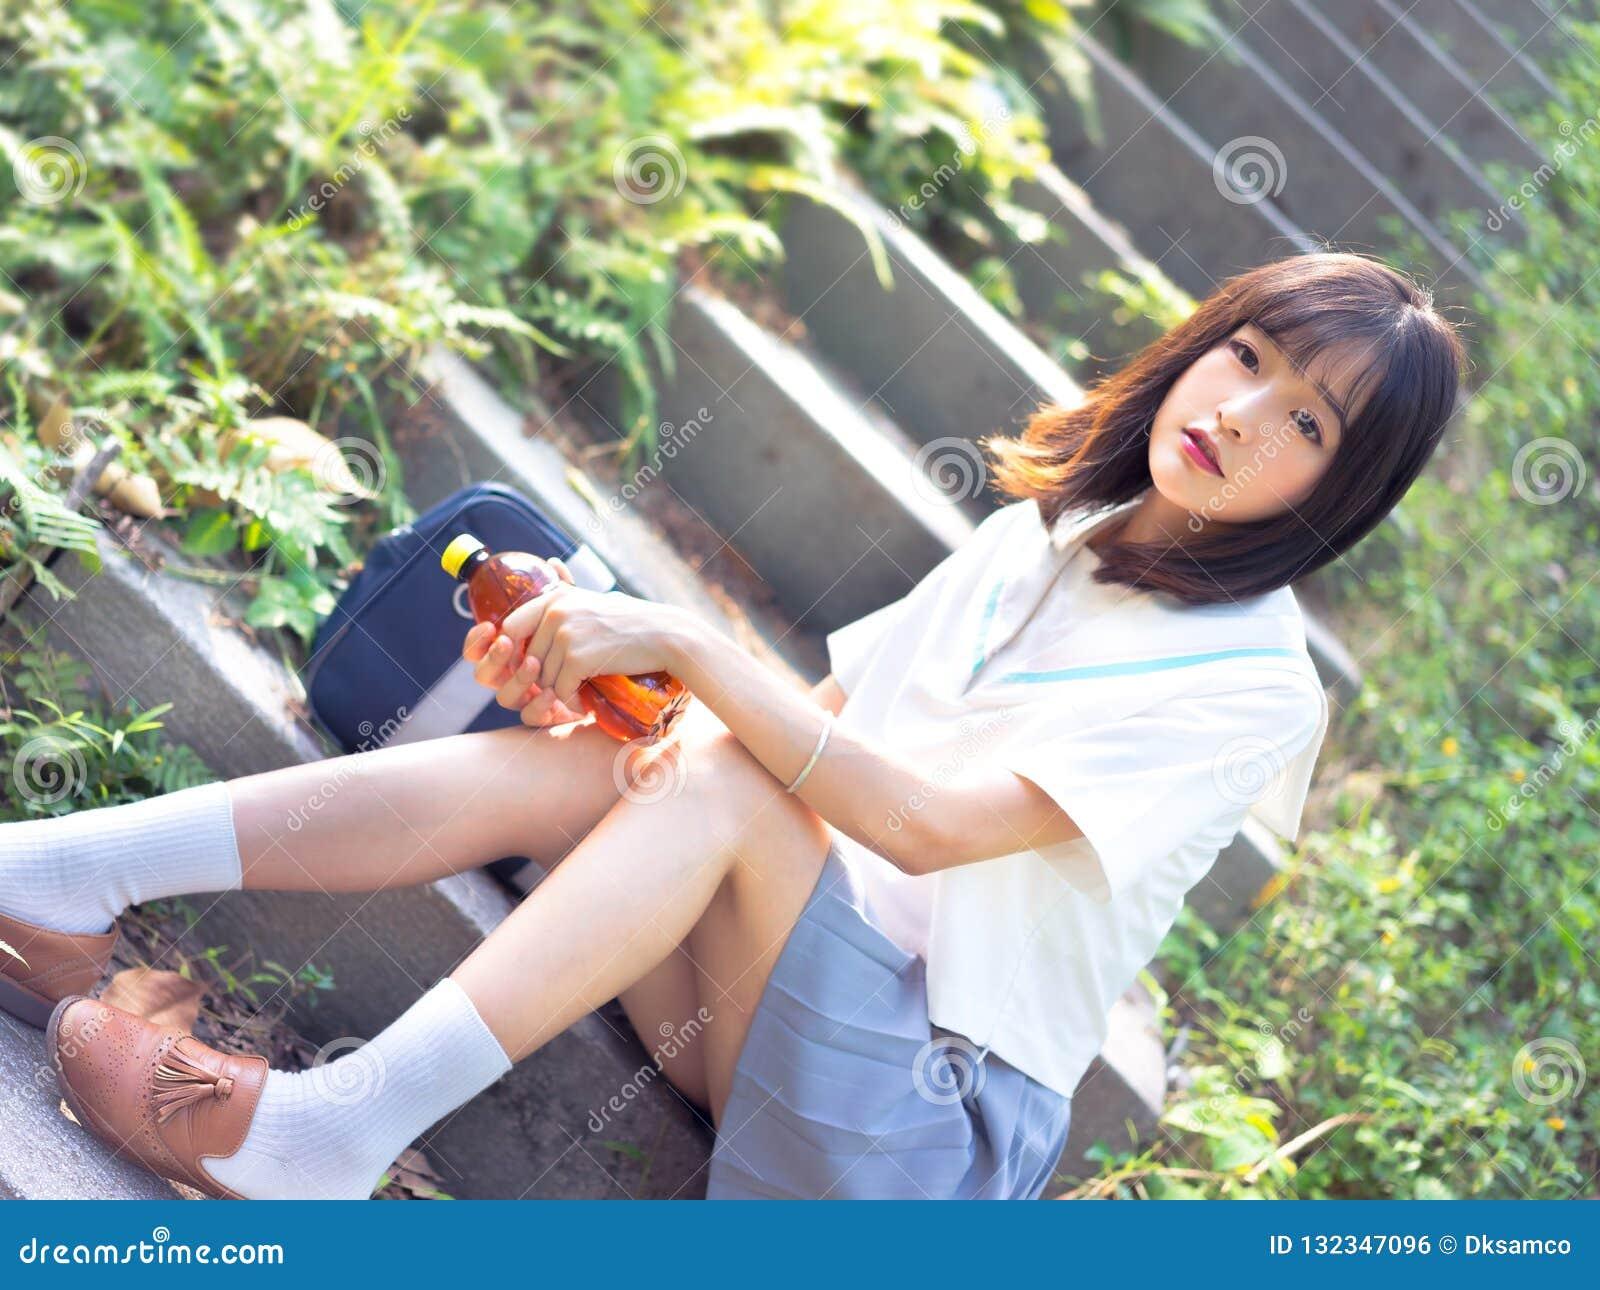 outdoor Asian uniform short hair